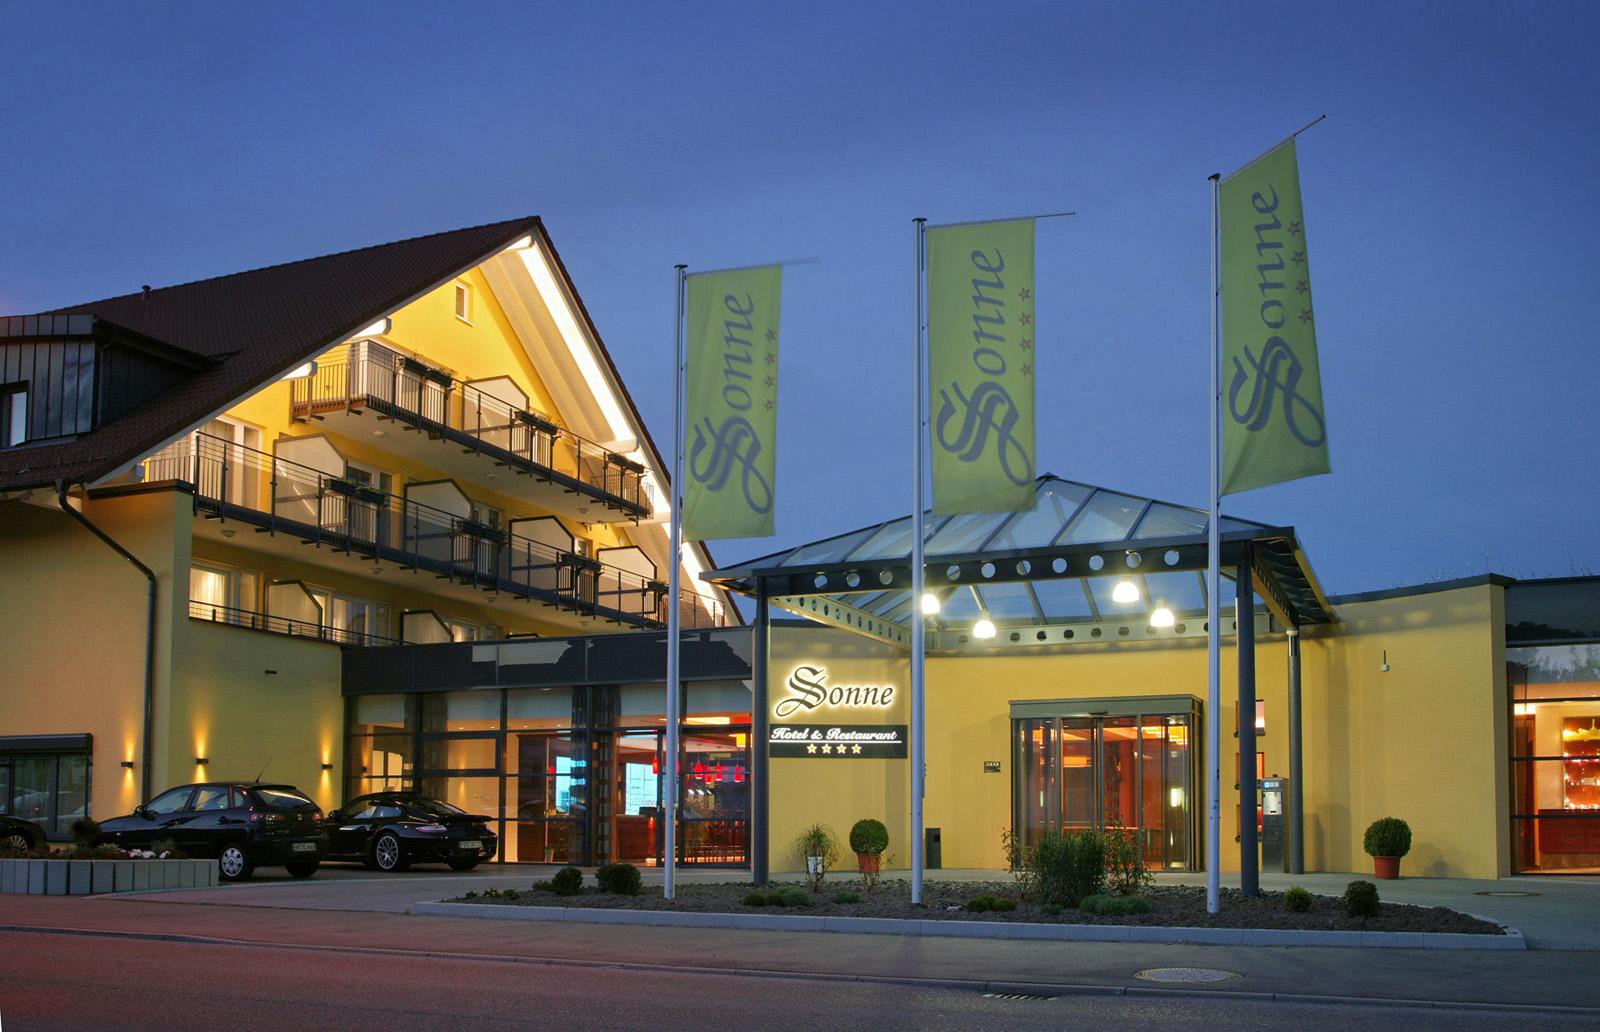 Aussenaufnahme bei Nacht - Hotel Sonne, Rudersberg/schlechtbach